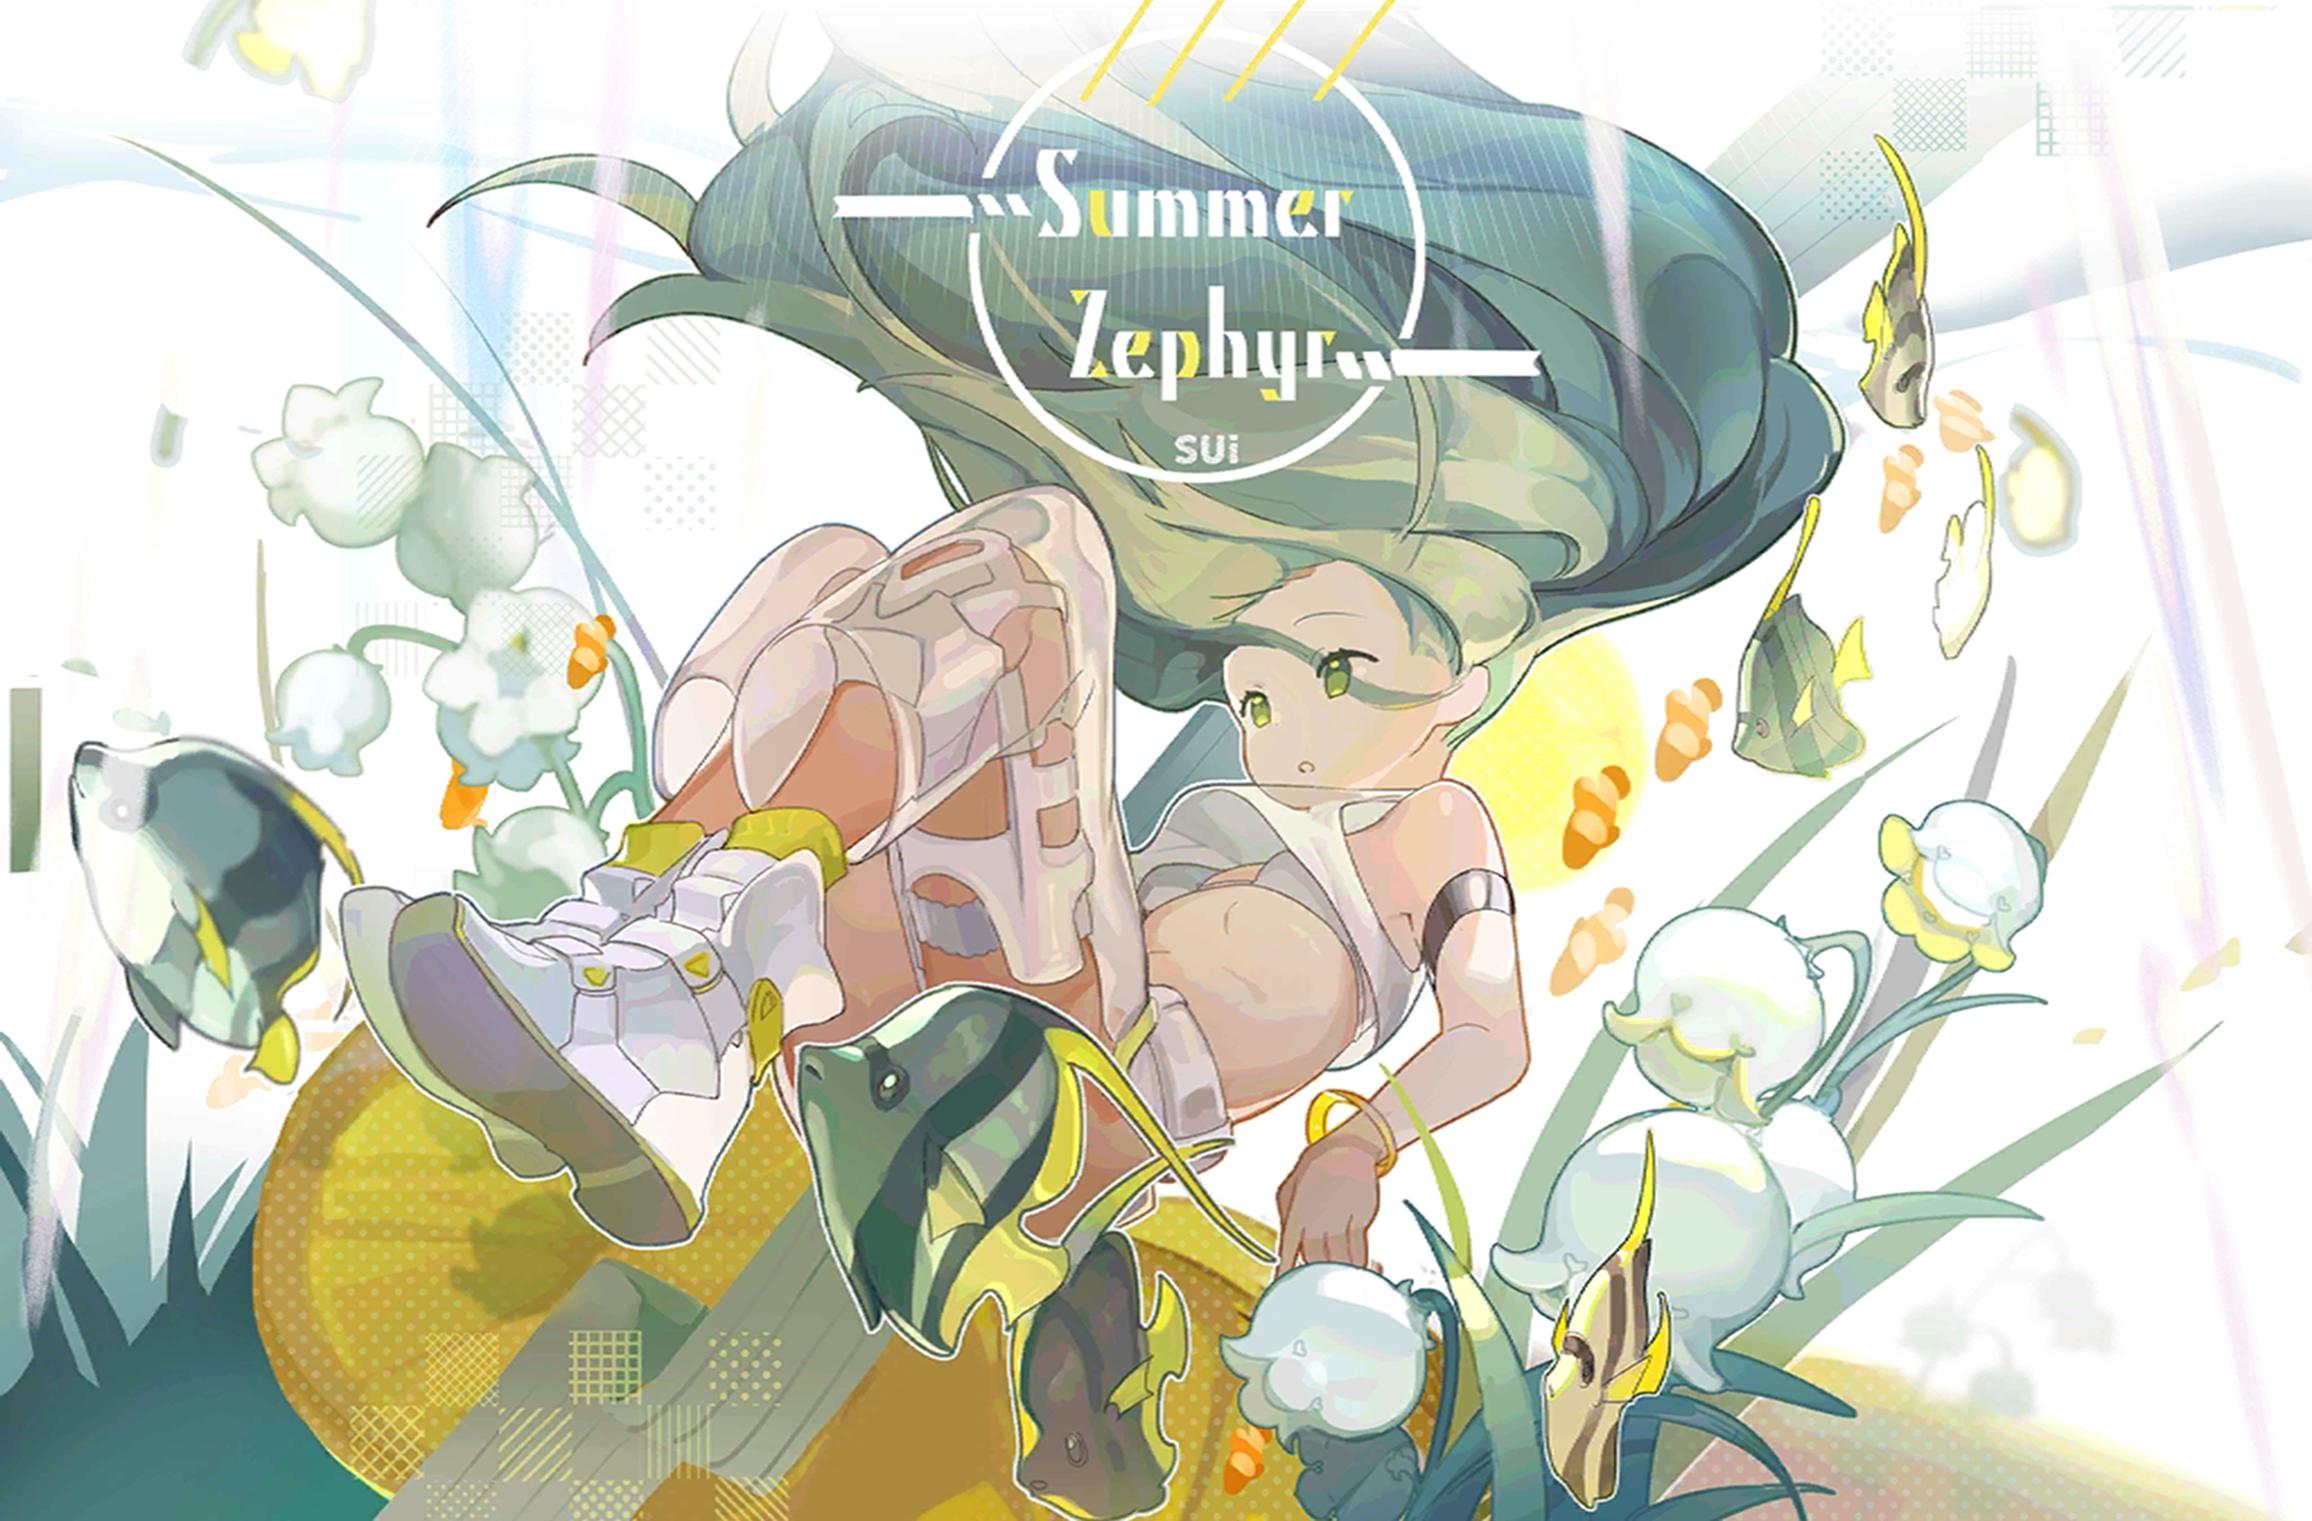 Summer Zephyr.png